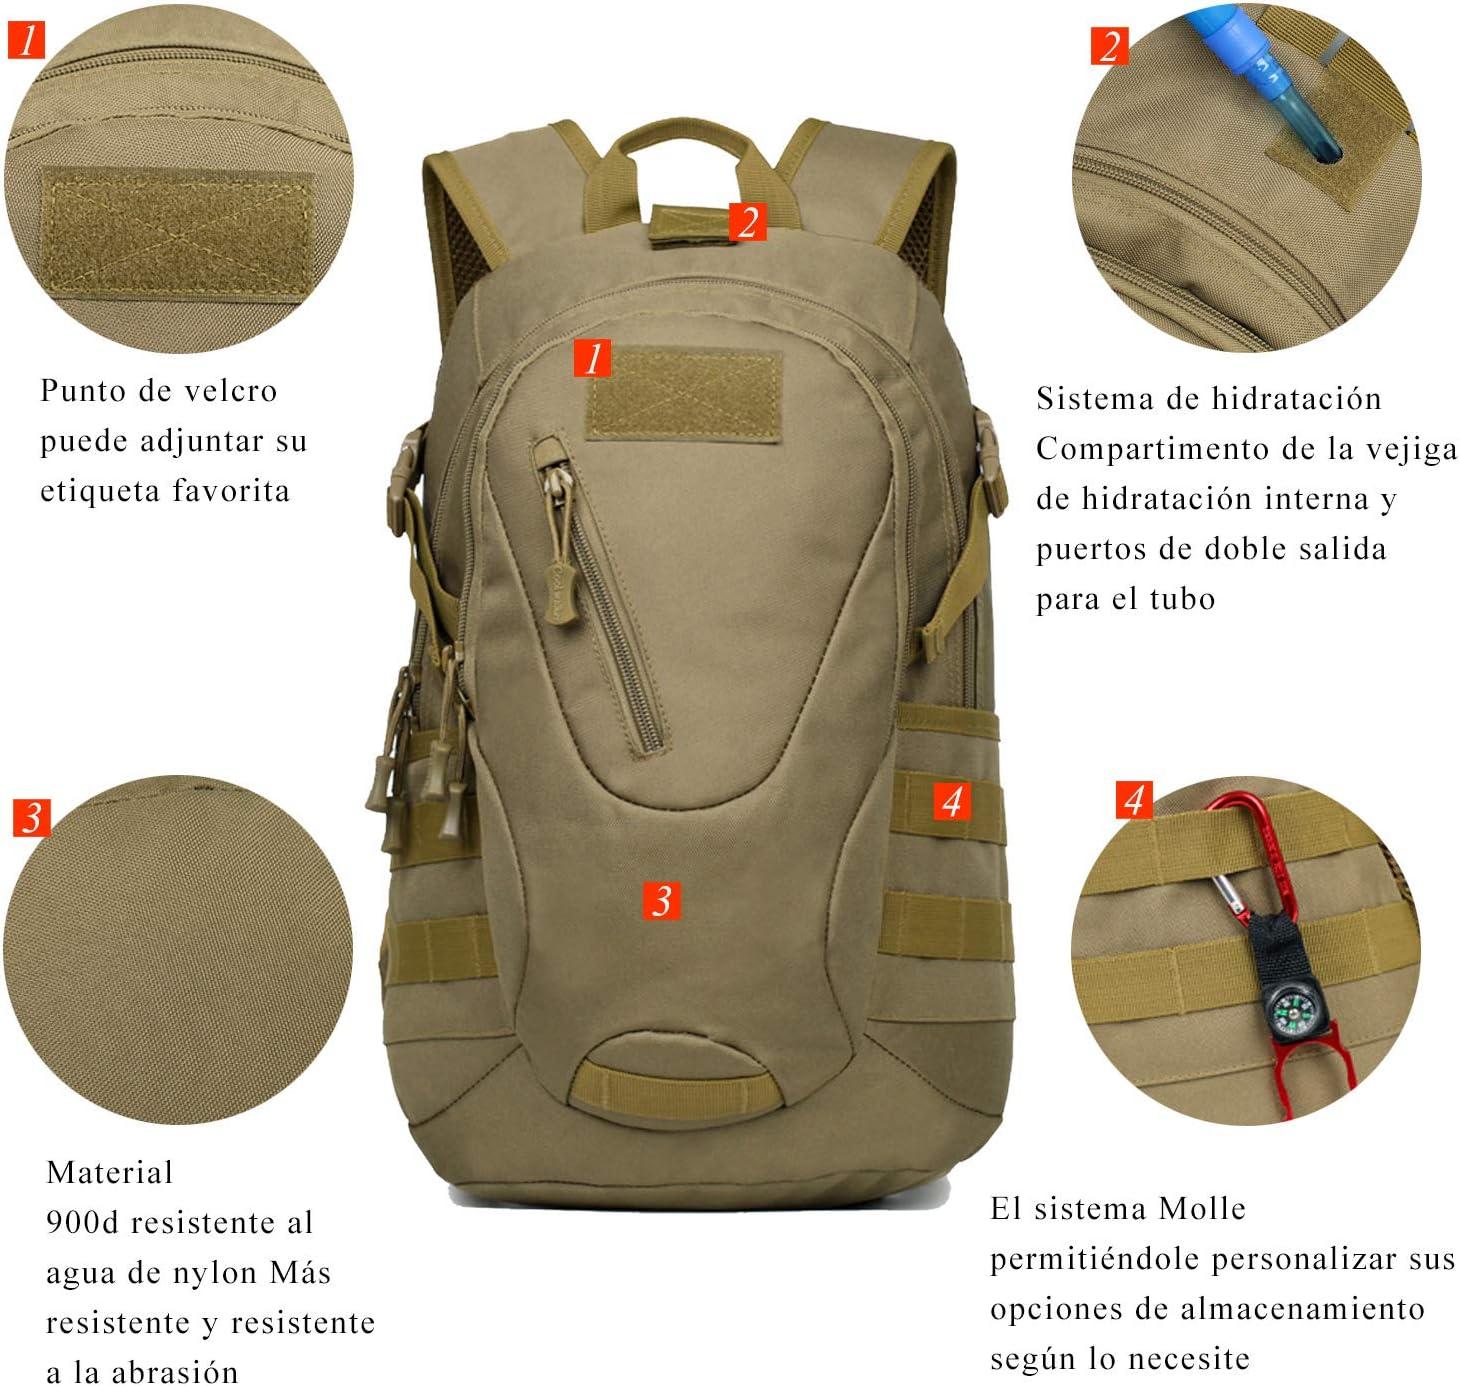 Camping Monta/ñismo FreeWalk Mochila T/áctica Militar Mochila de Asalto Molle Mochilas de Senderismo Unisex para Excursionismo Trekking